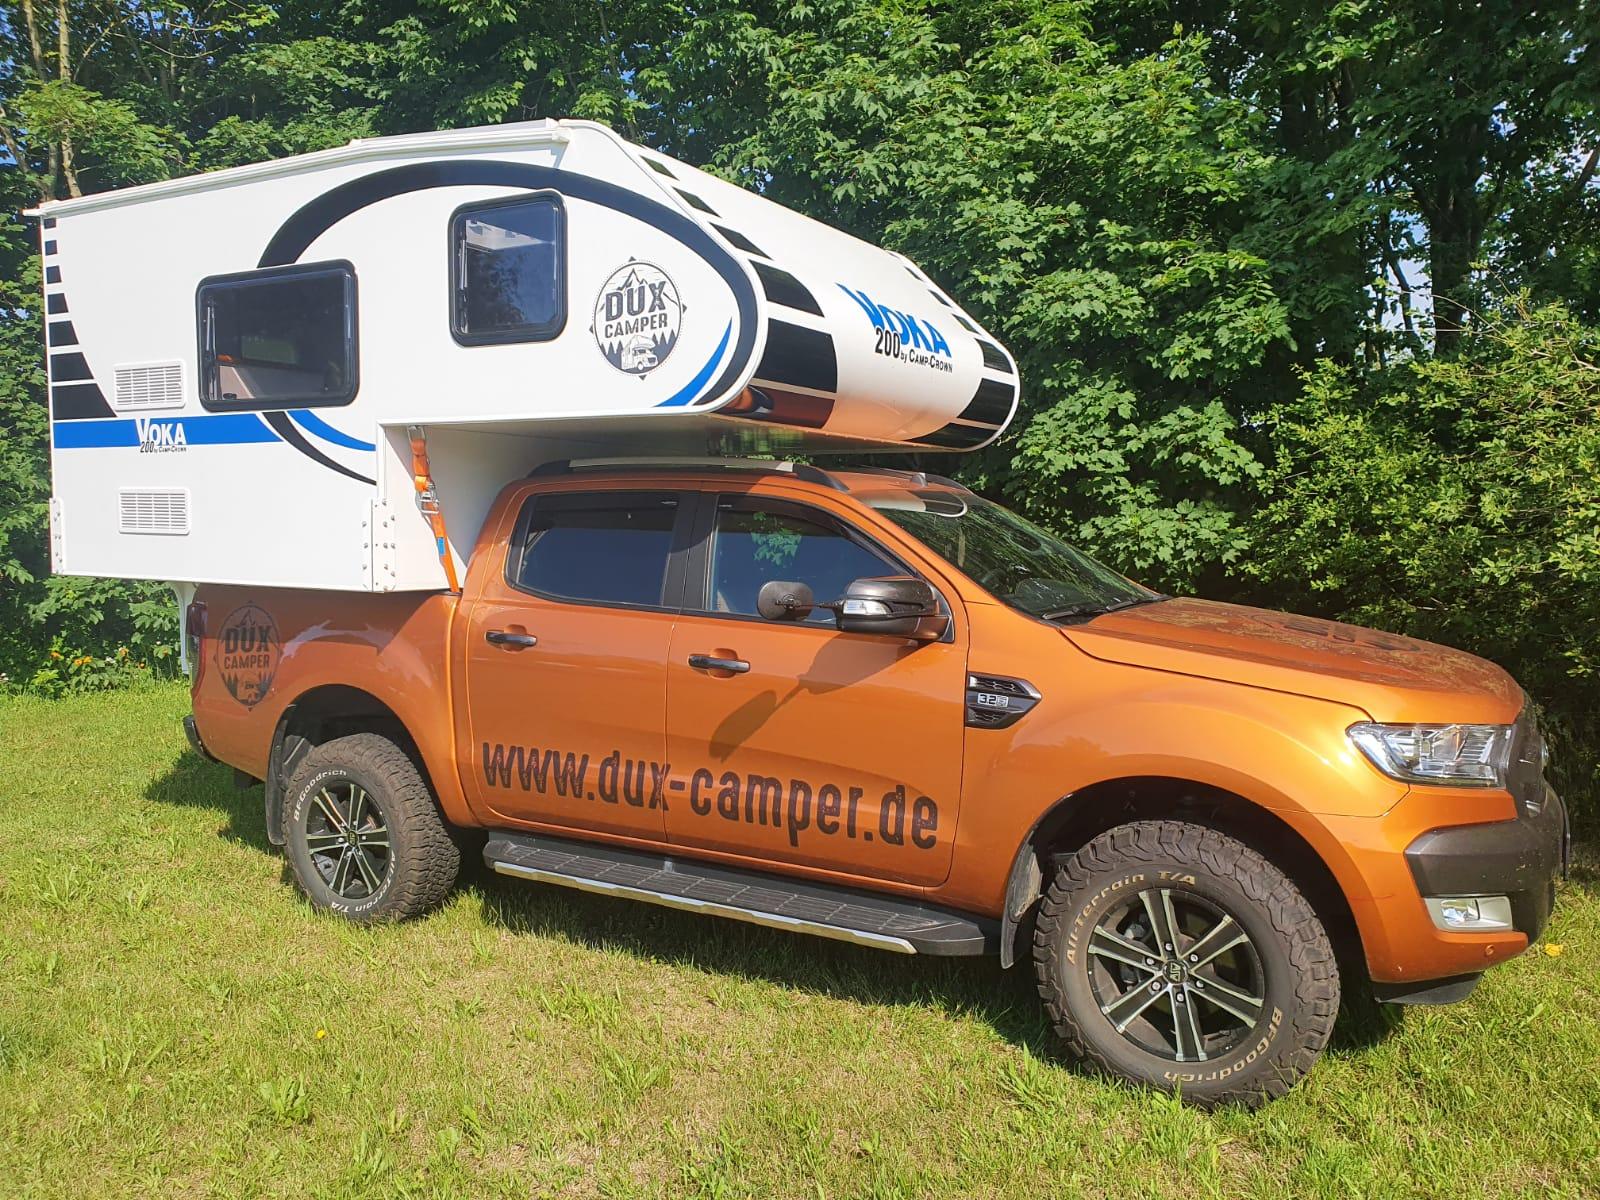 Dux Camper Camp Crown VoKa 200